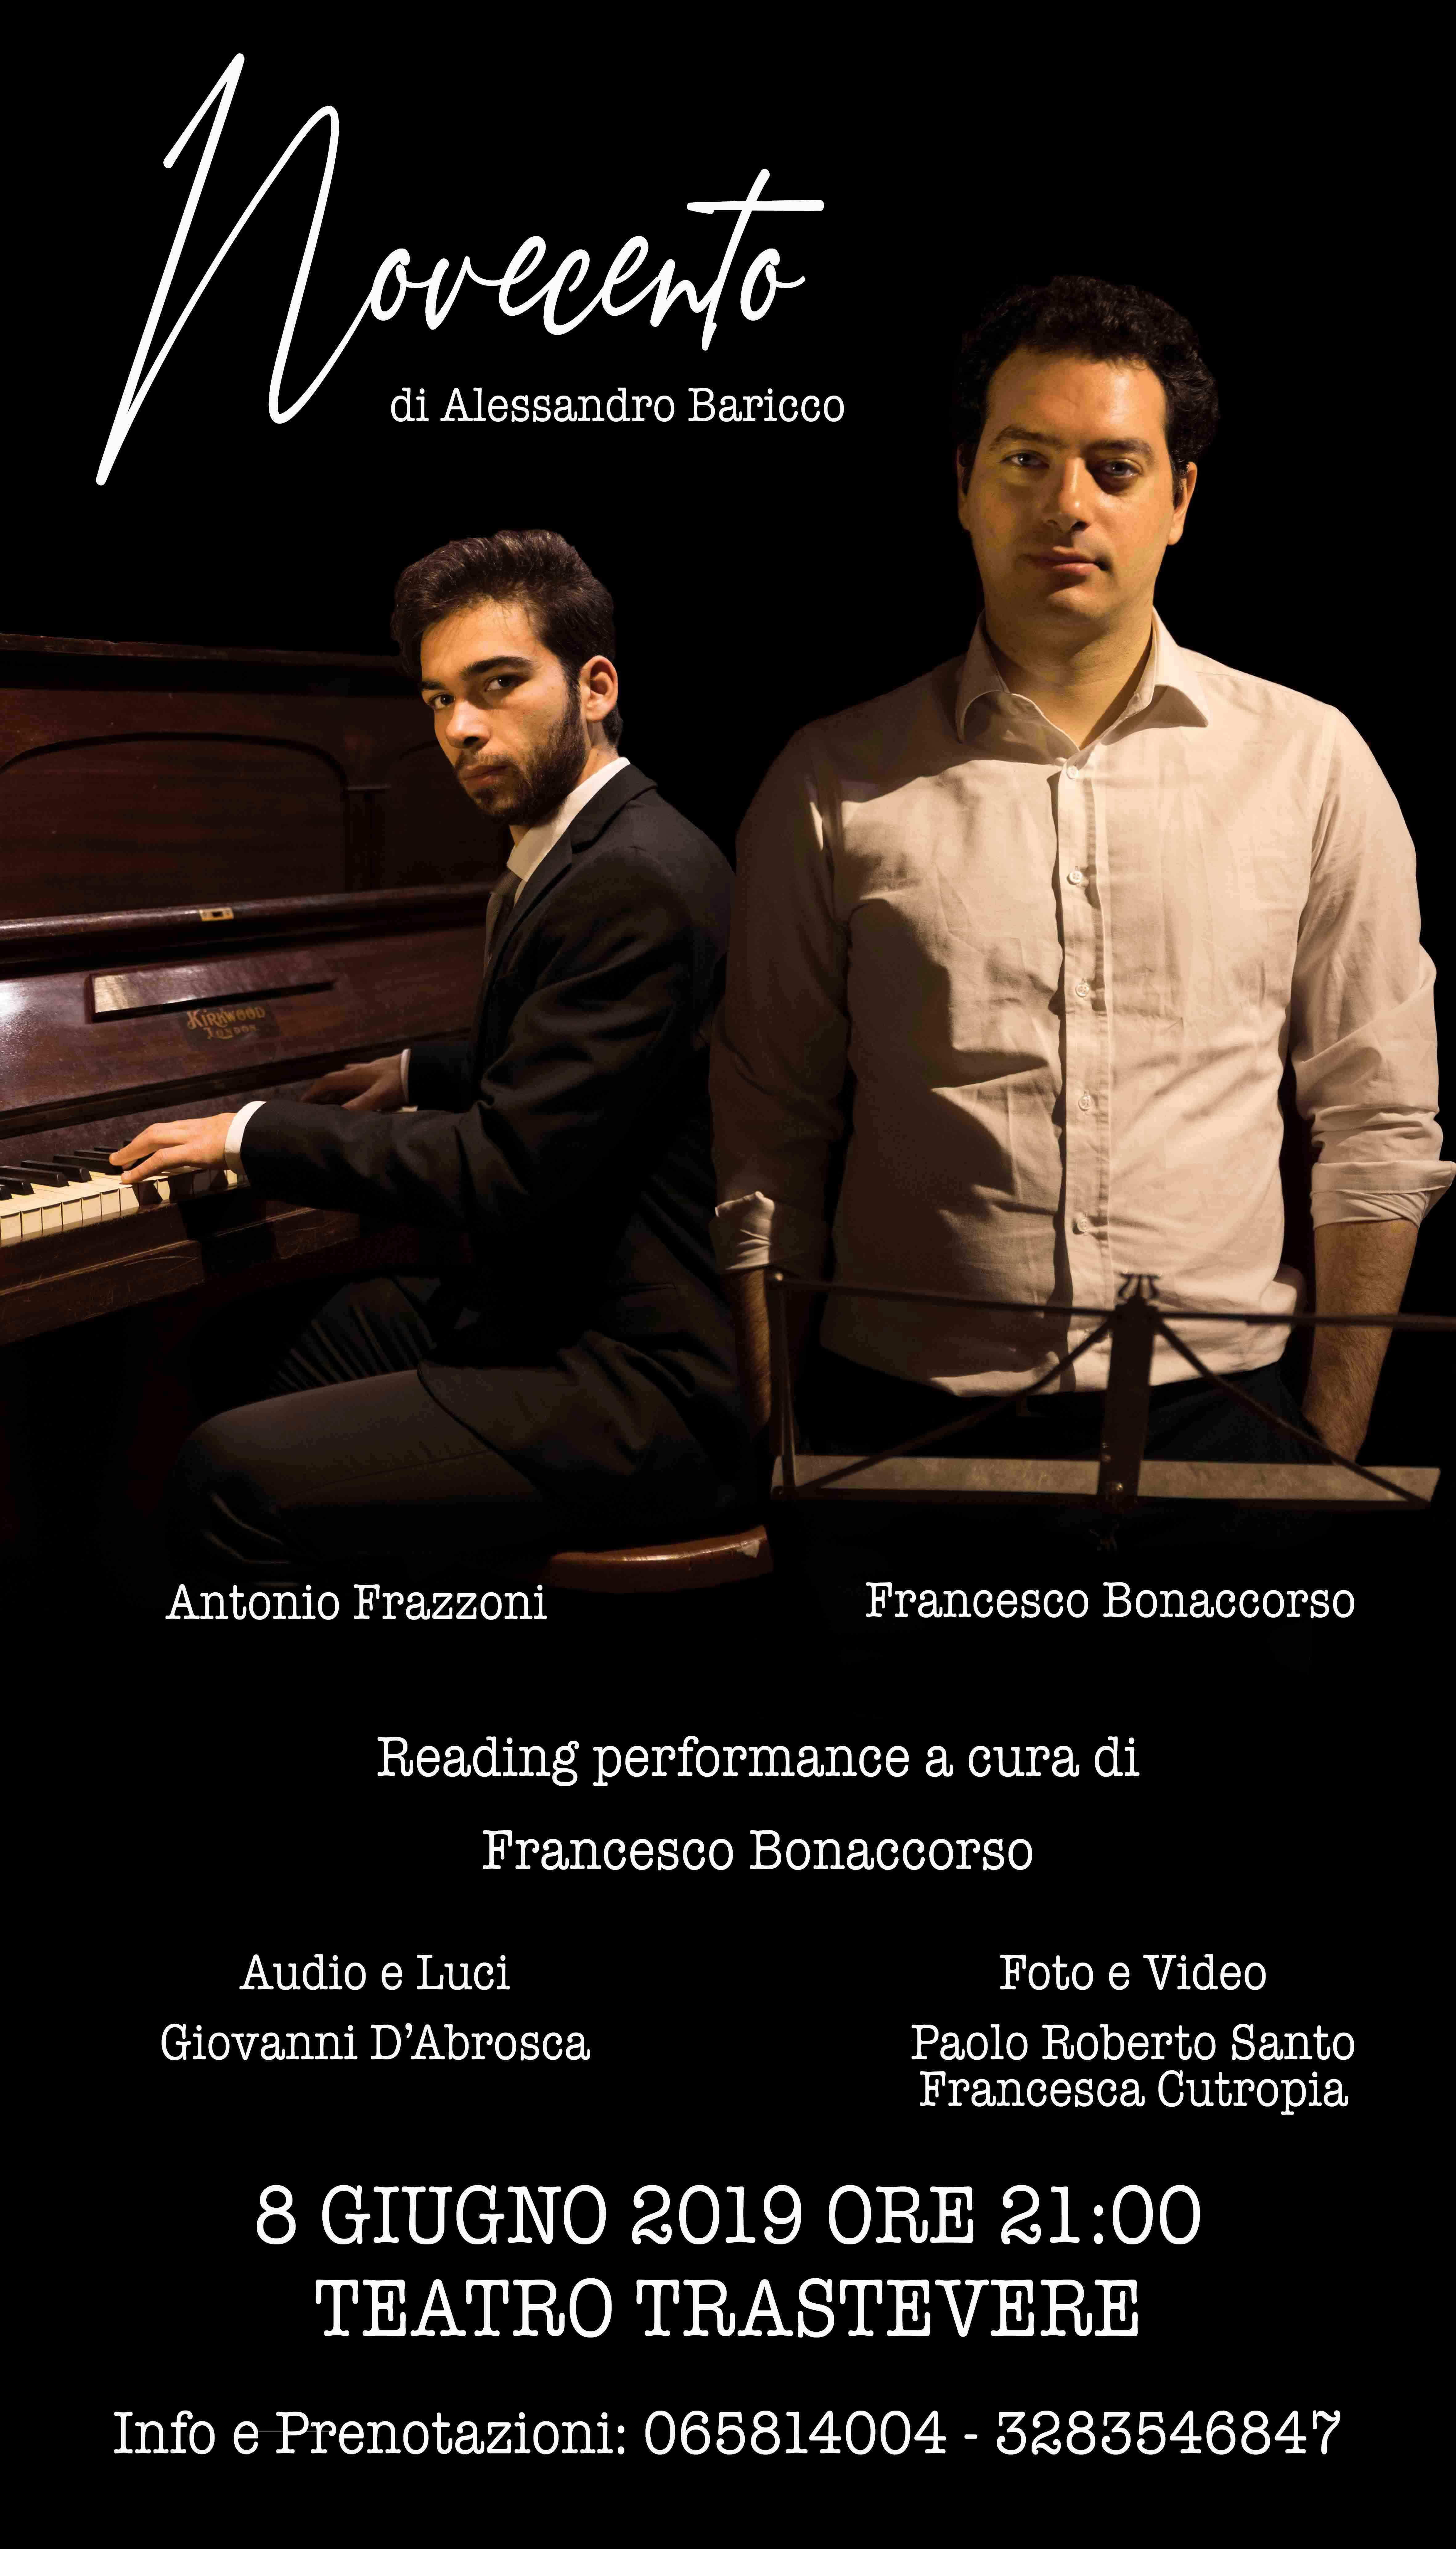 Novecento al Teatro Trastevere